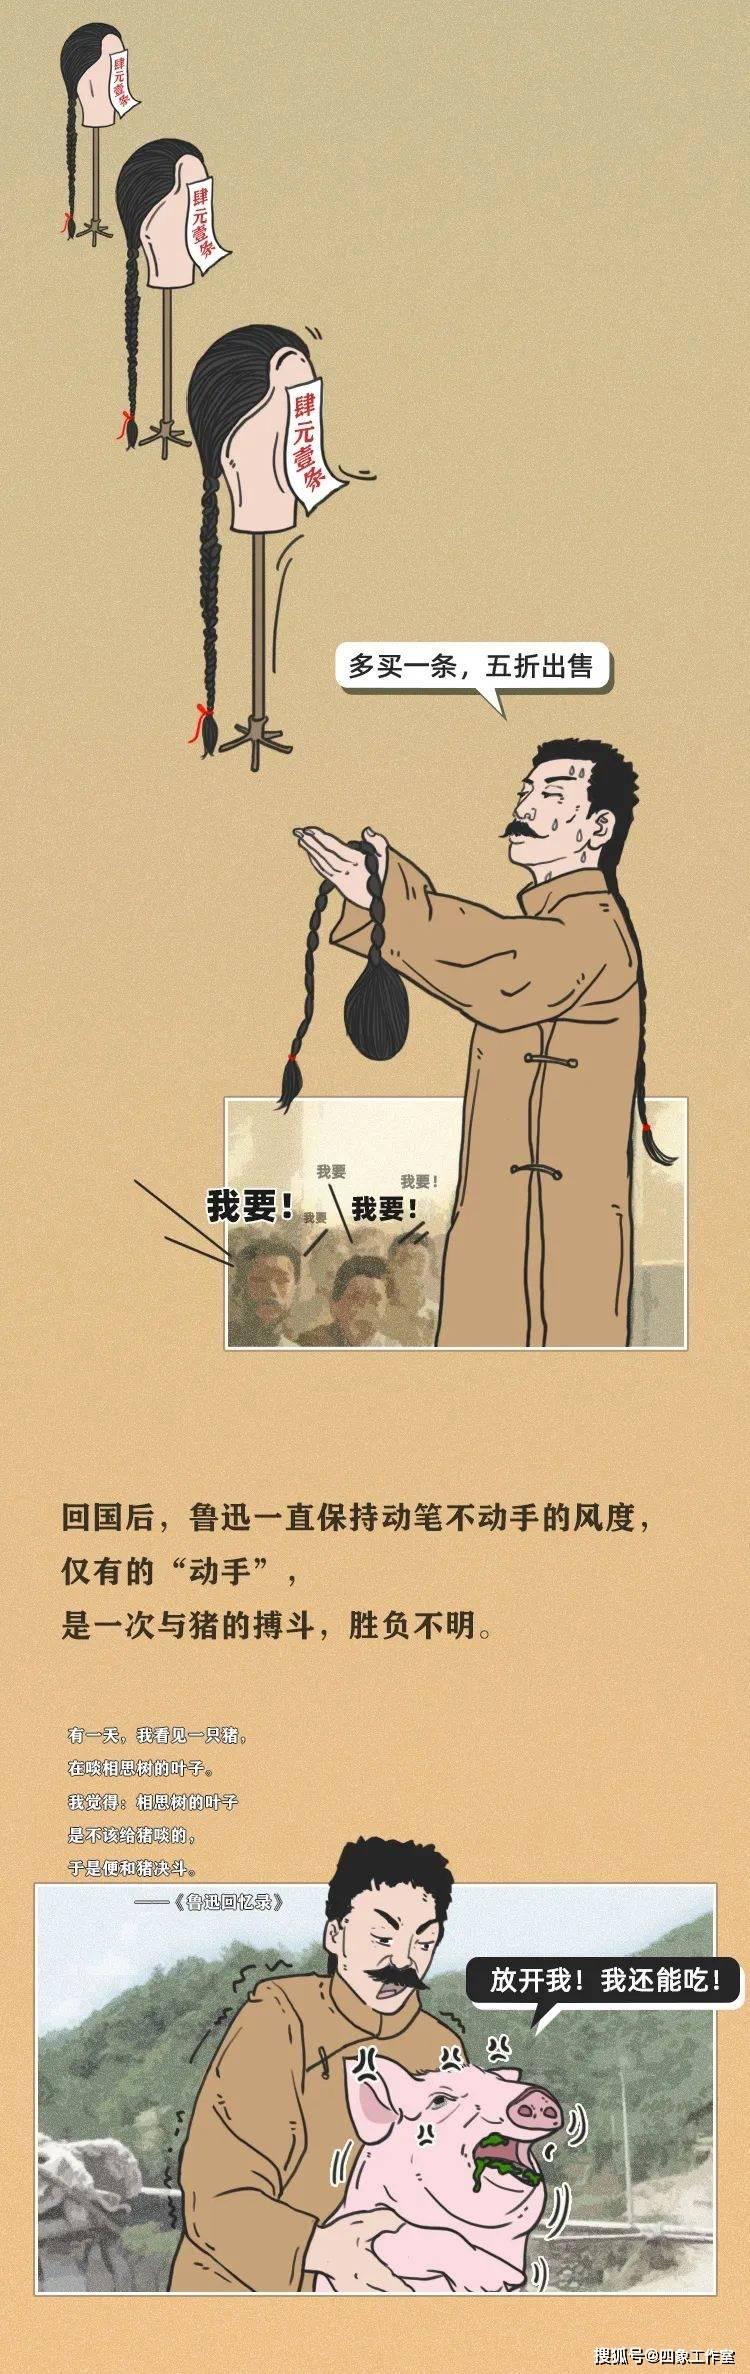 原创 制霸语文课本的大佬 竟是被文学耽误的武术大师